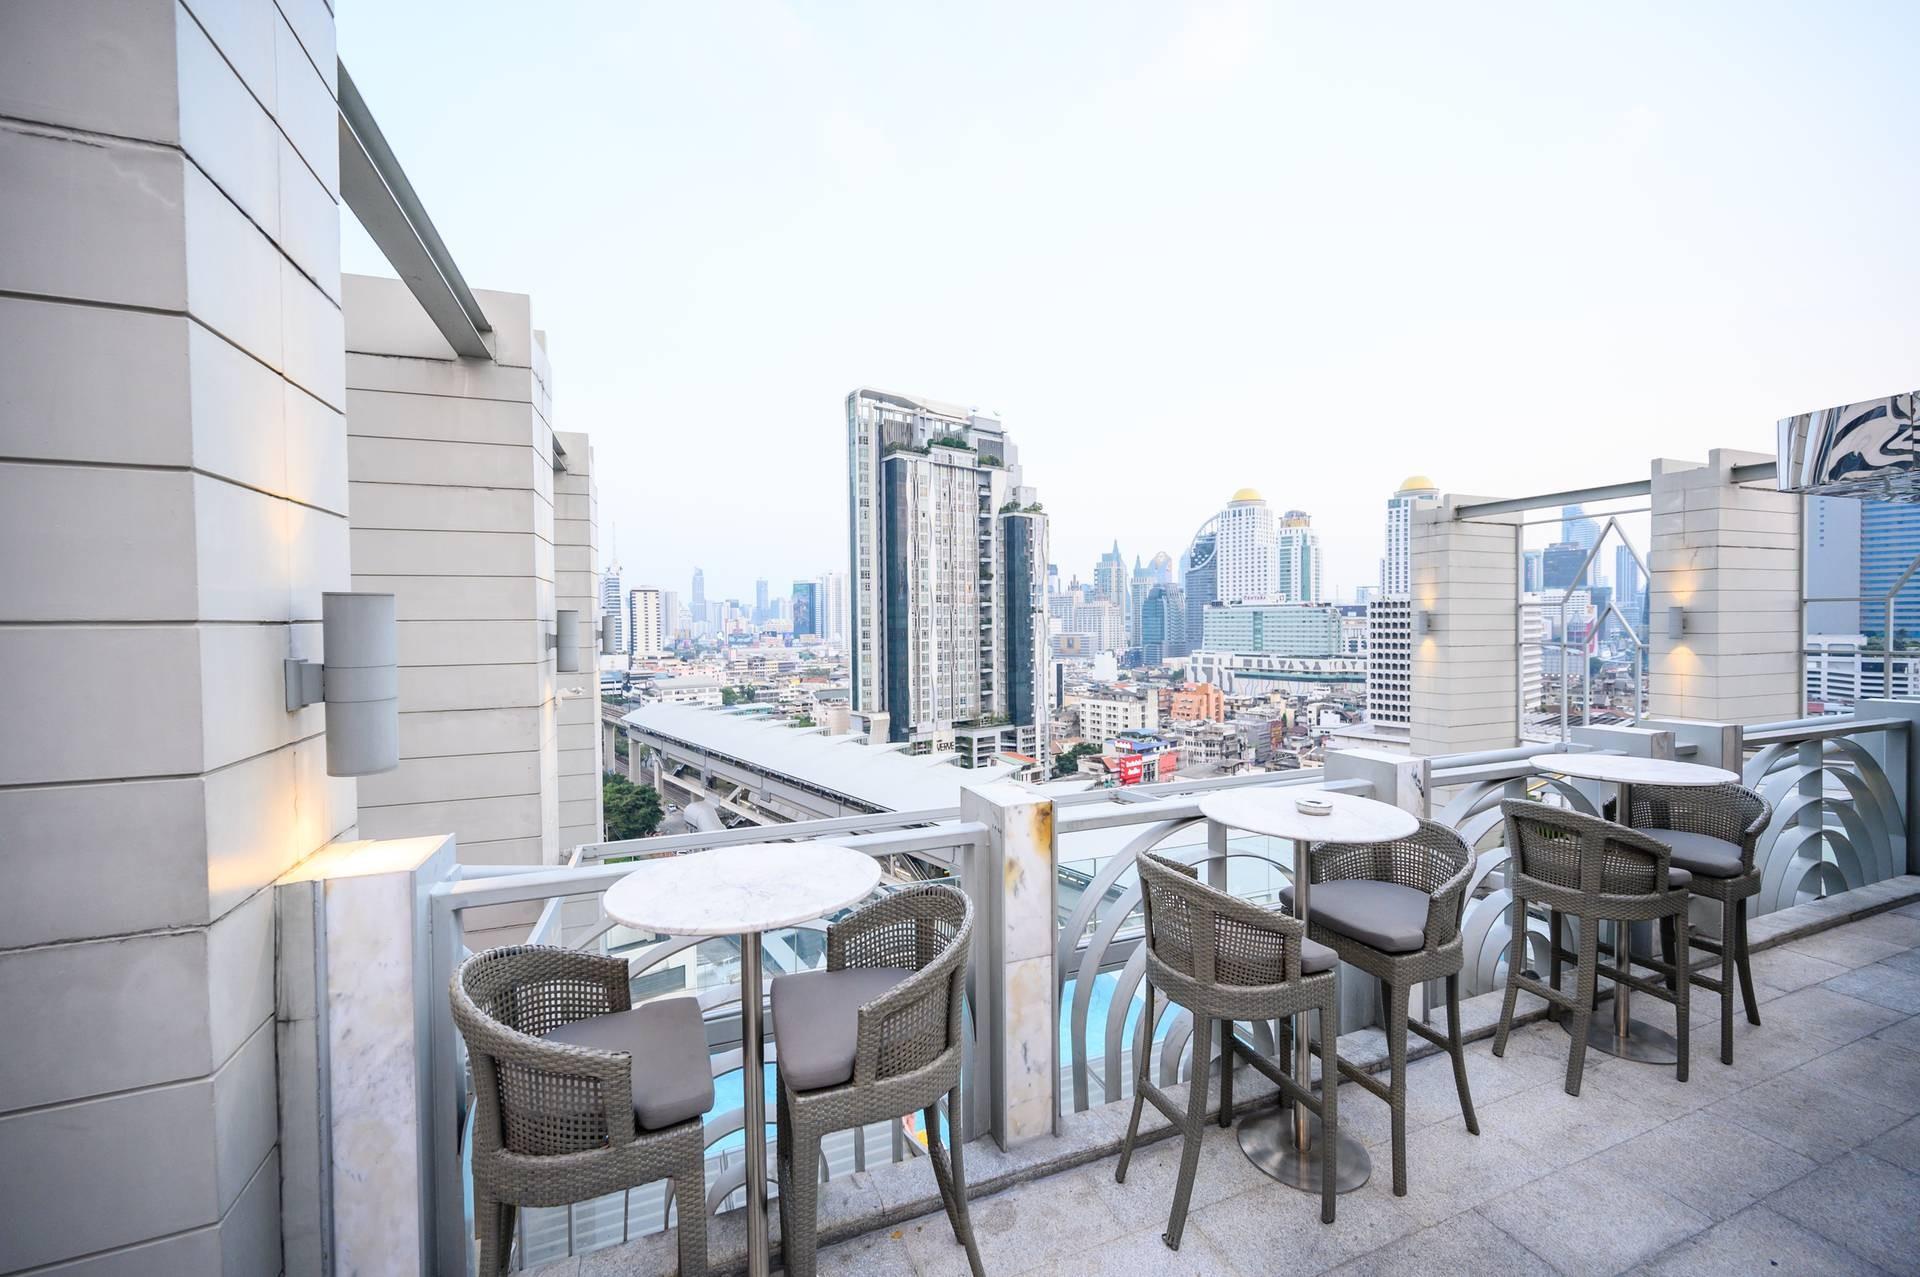 Barracuda Rooftop Bar